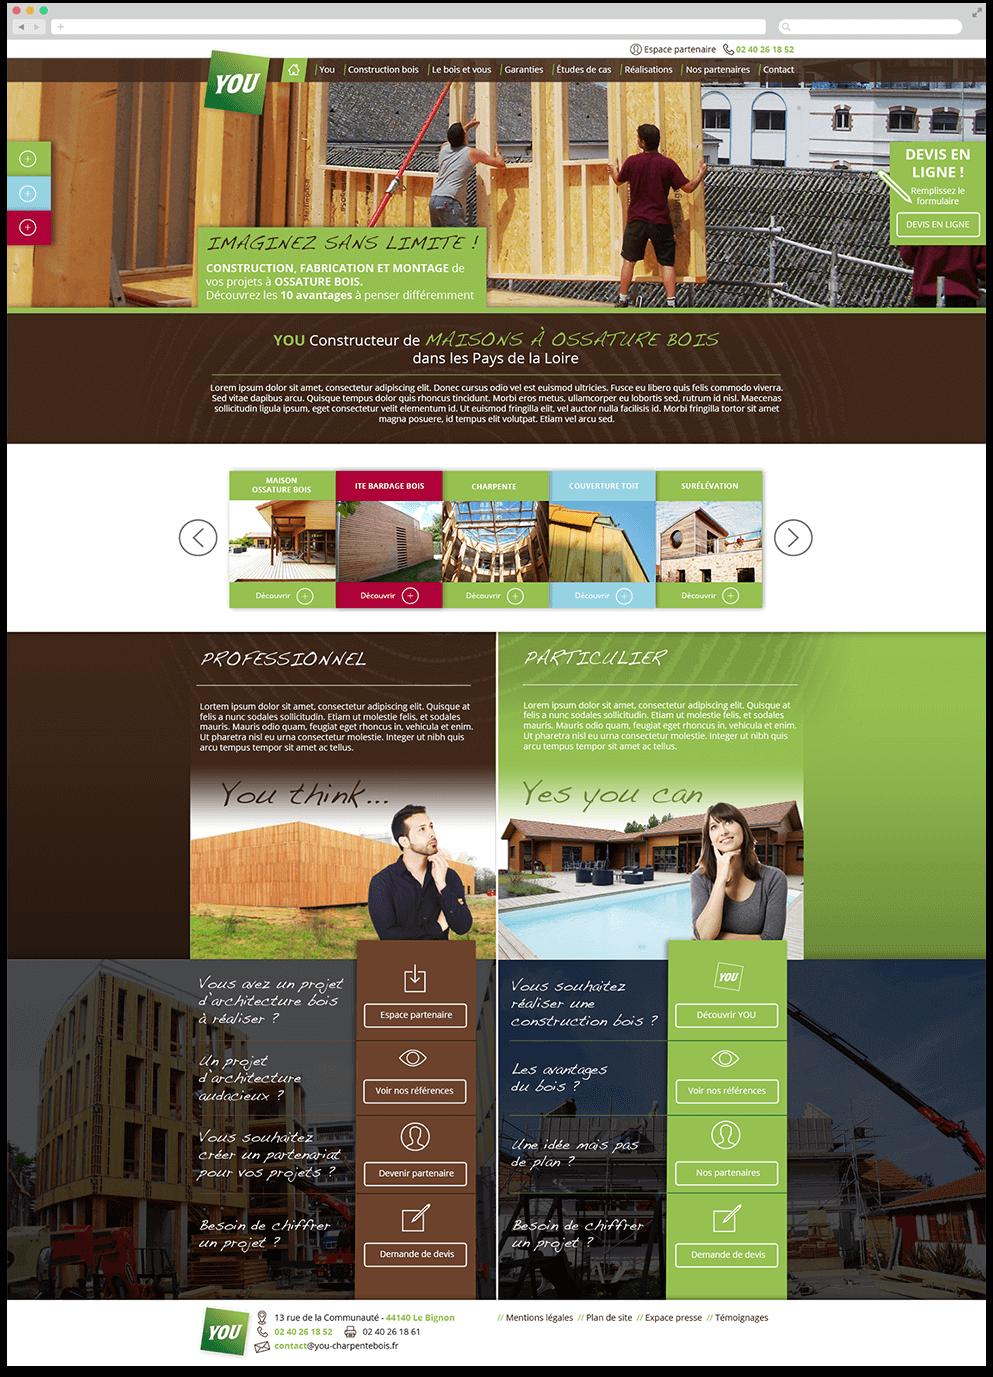 Page d'accueil du site vitrine de l'entreprise You